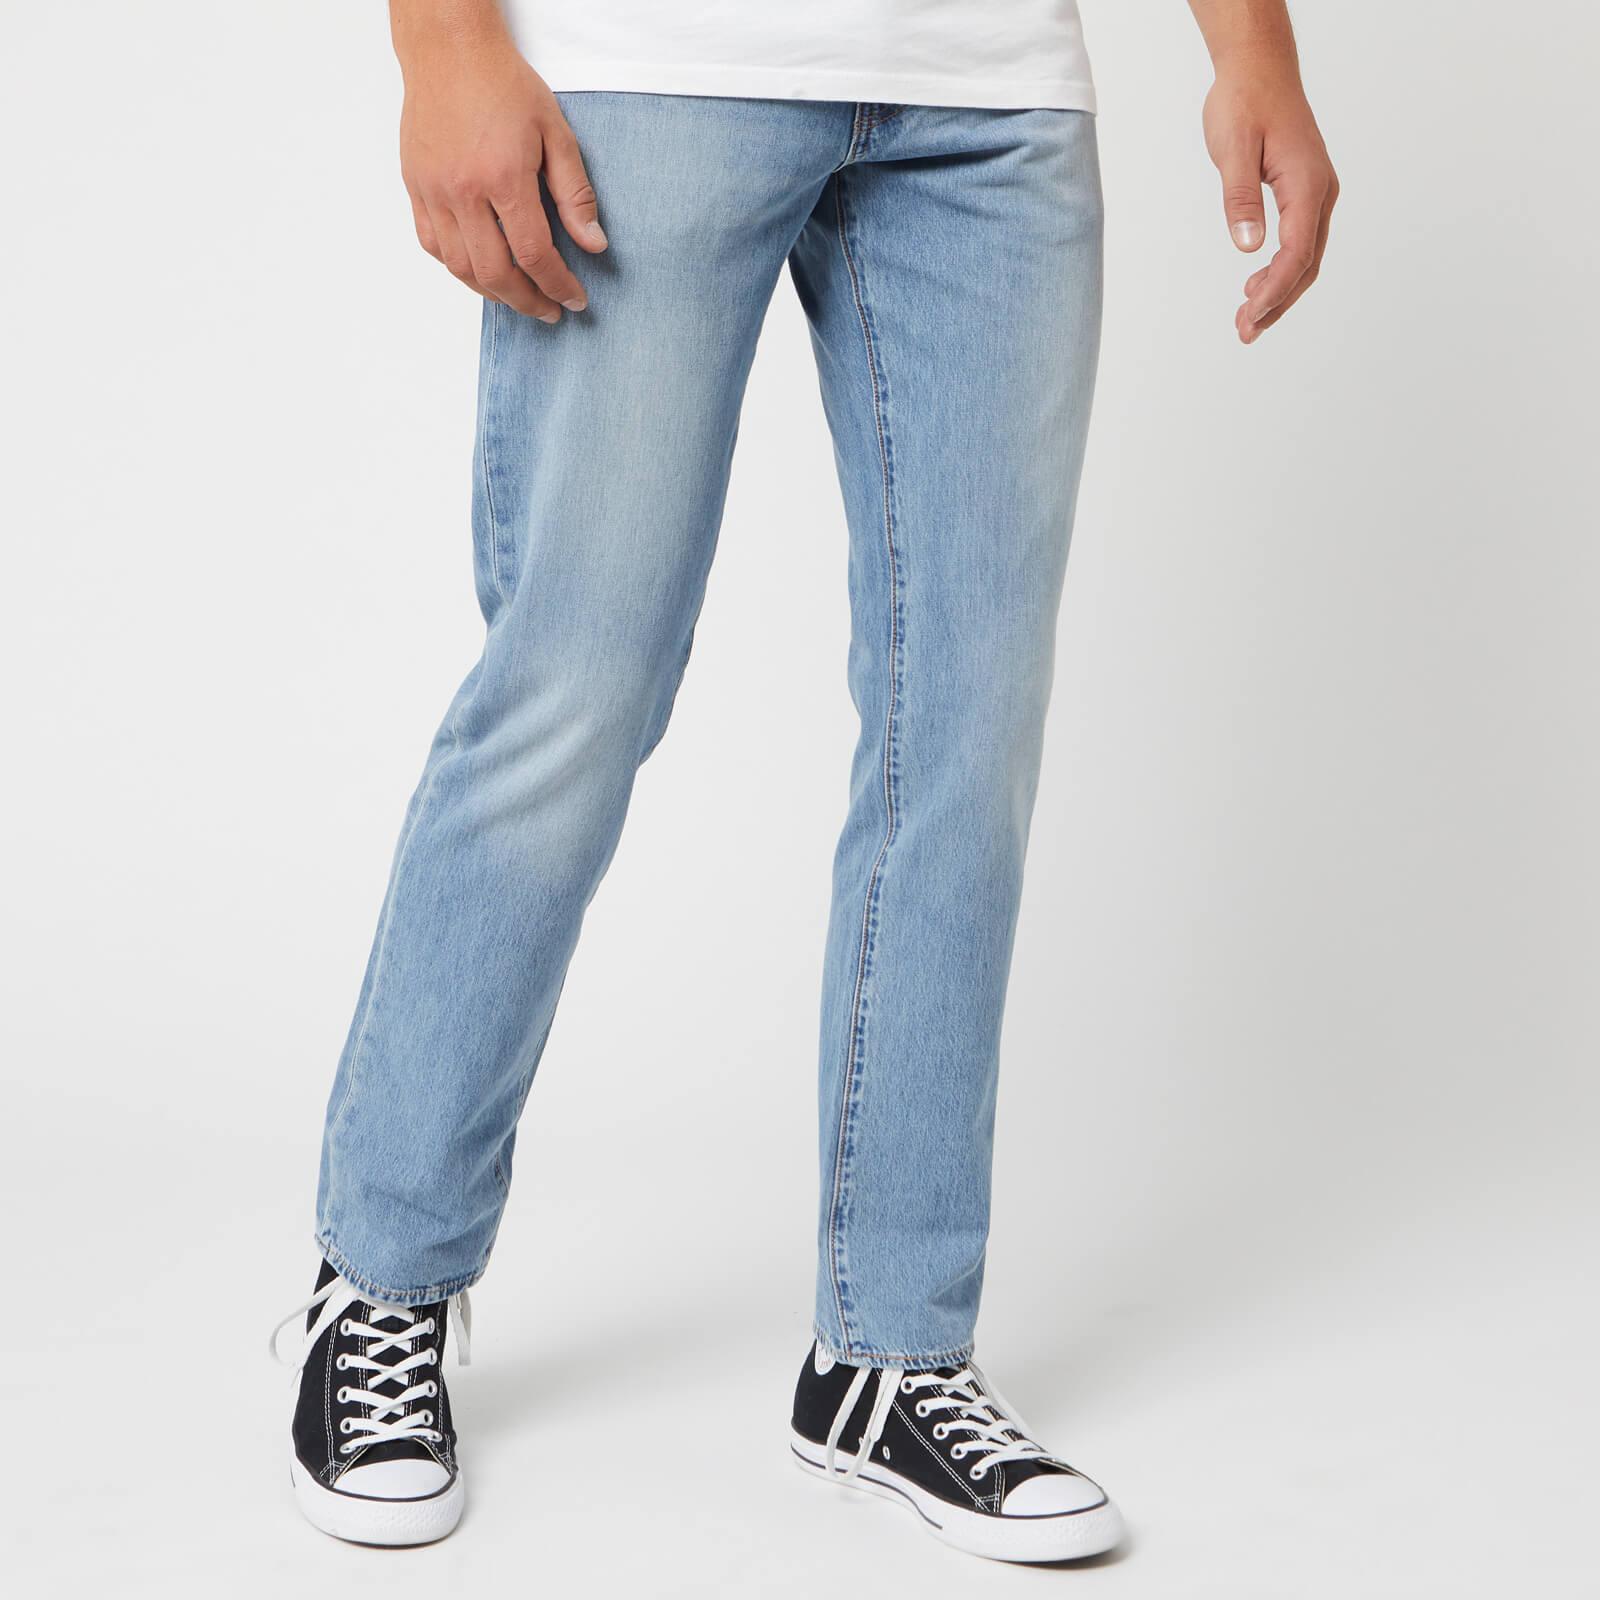 Levi's s 511 Slim Fit Jeans - Nurse Warp Cool - W30/L34